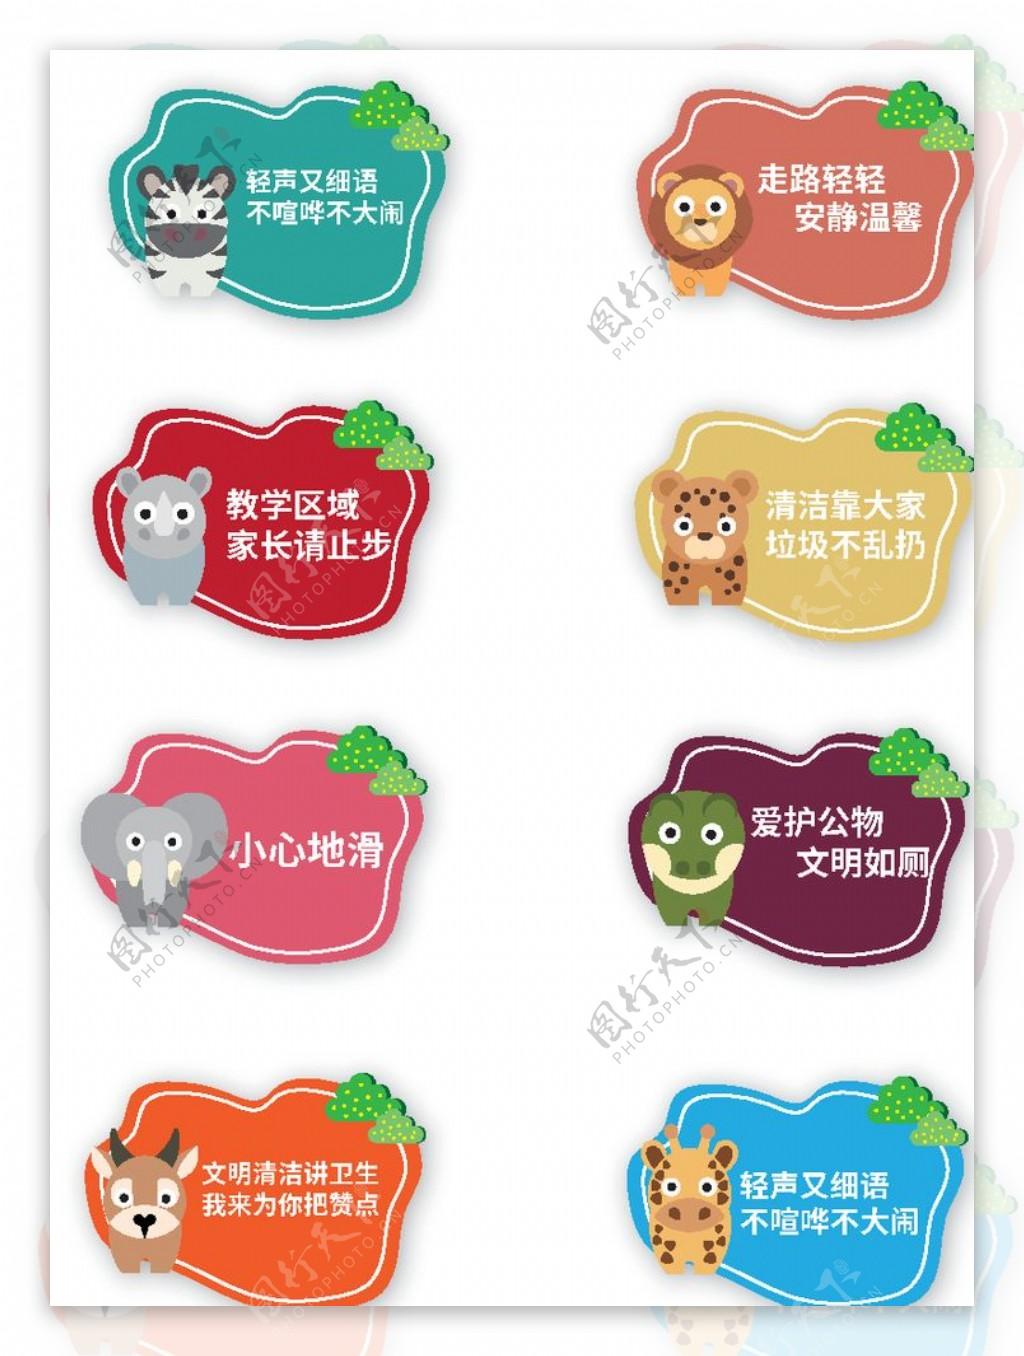 可爱卡通动物校园标识设计图片